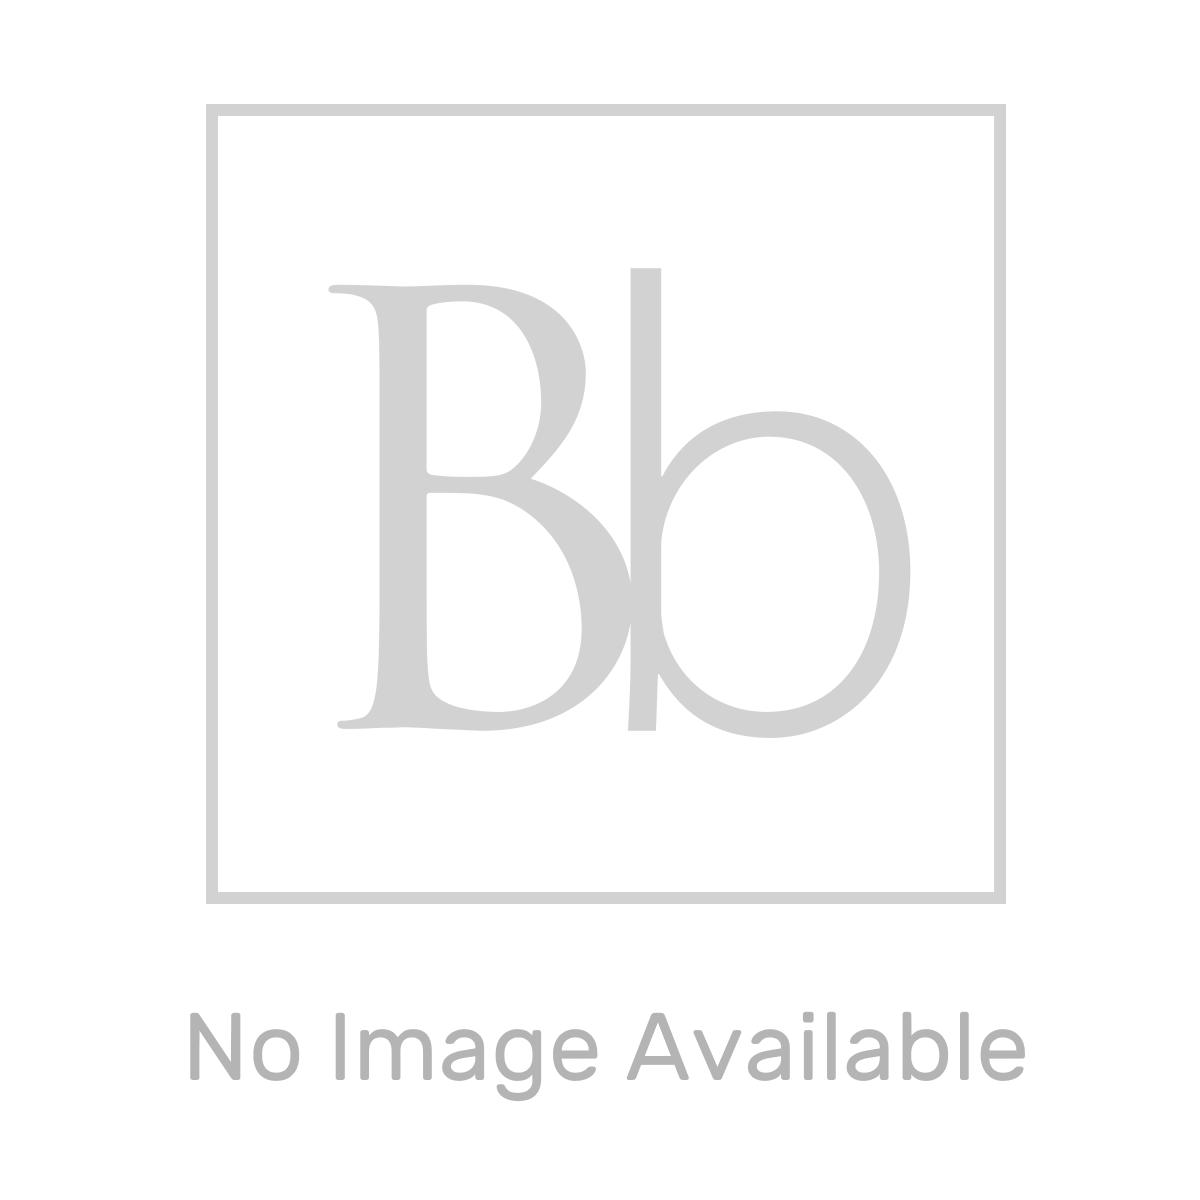 Nuie Athena Gloss White 2 Door Floor Standing Vanity Unit with 18mm Worktop 600mm